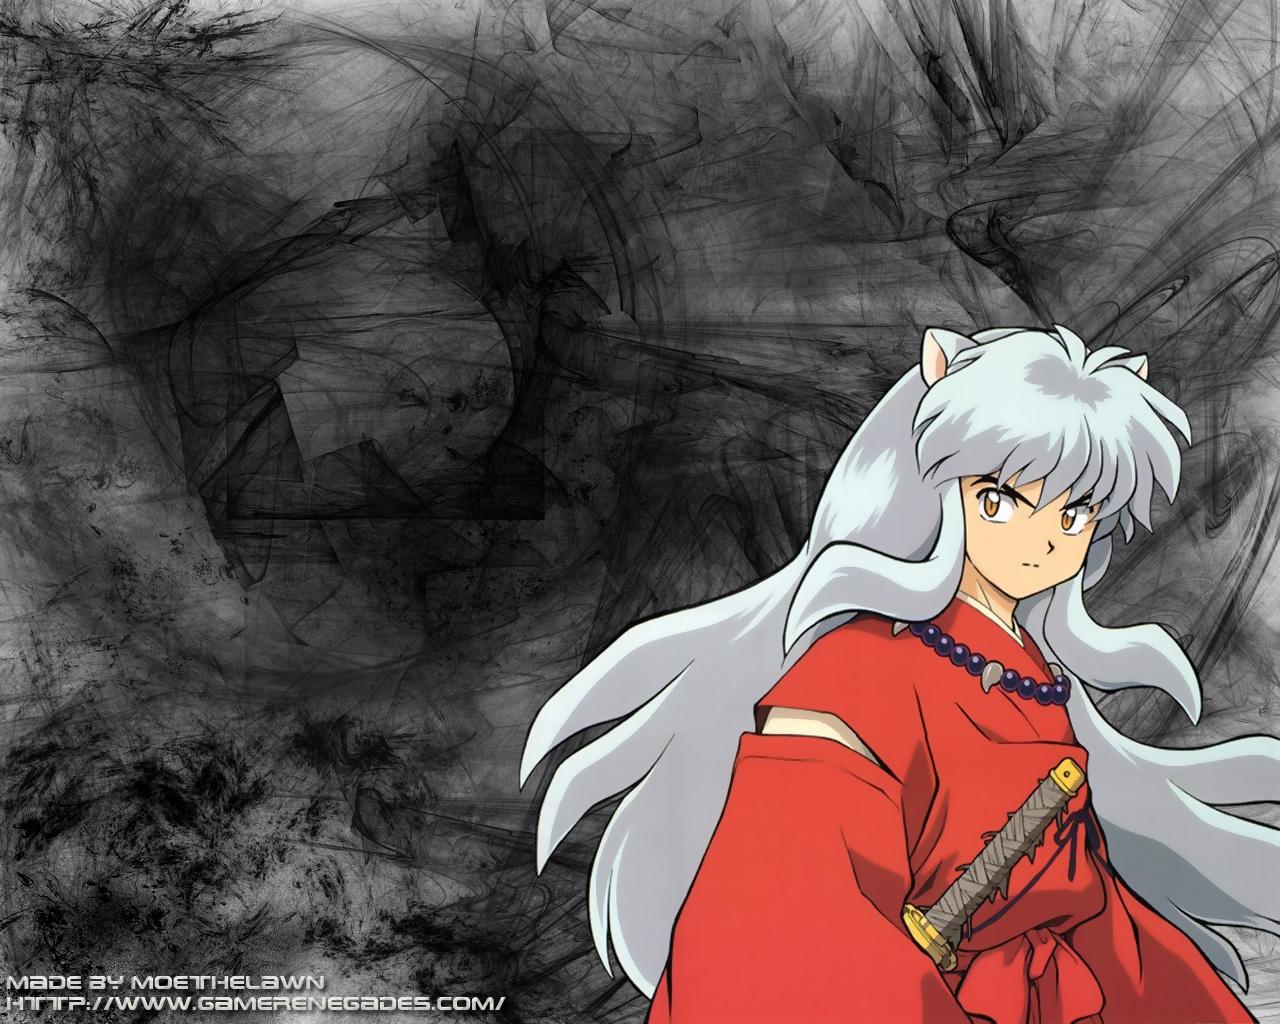 pic new posts: Wallpaper Hd Inuyasha